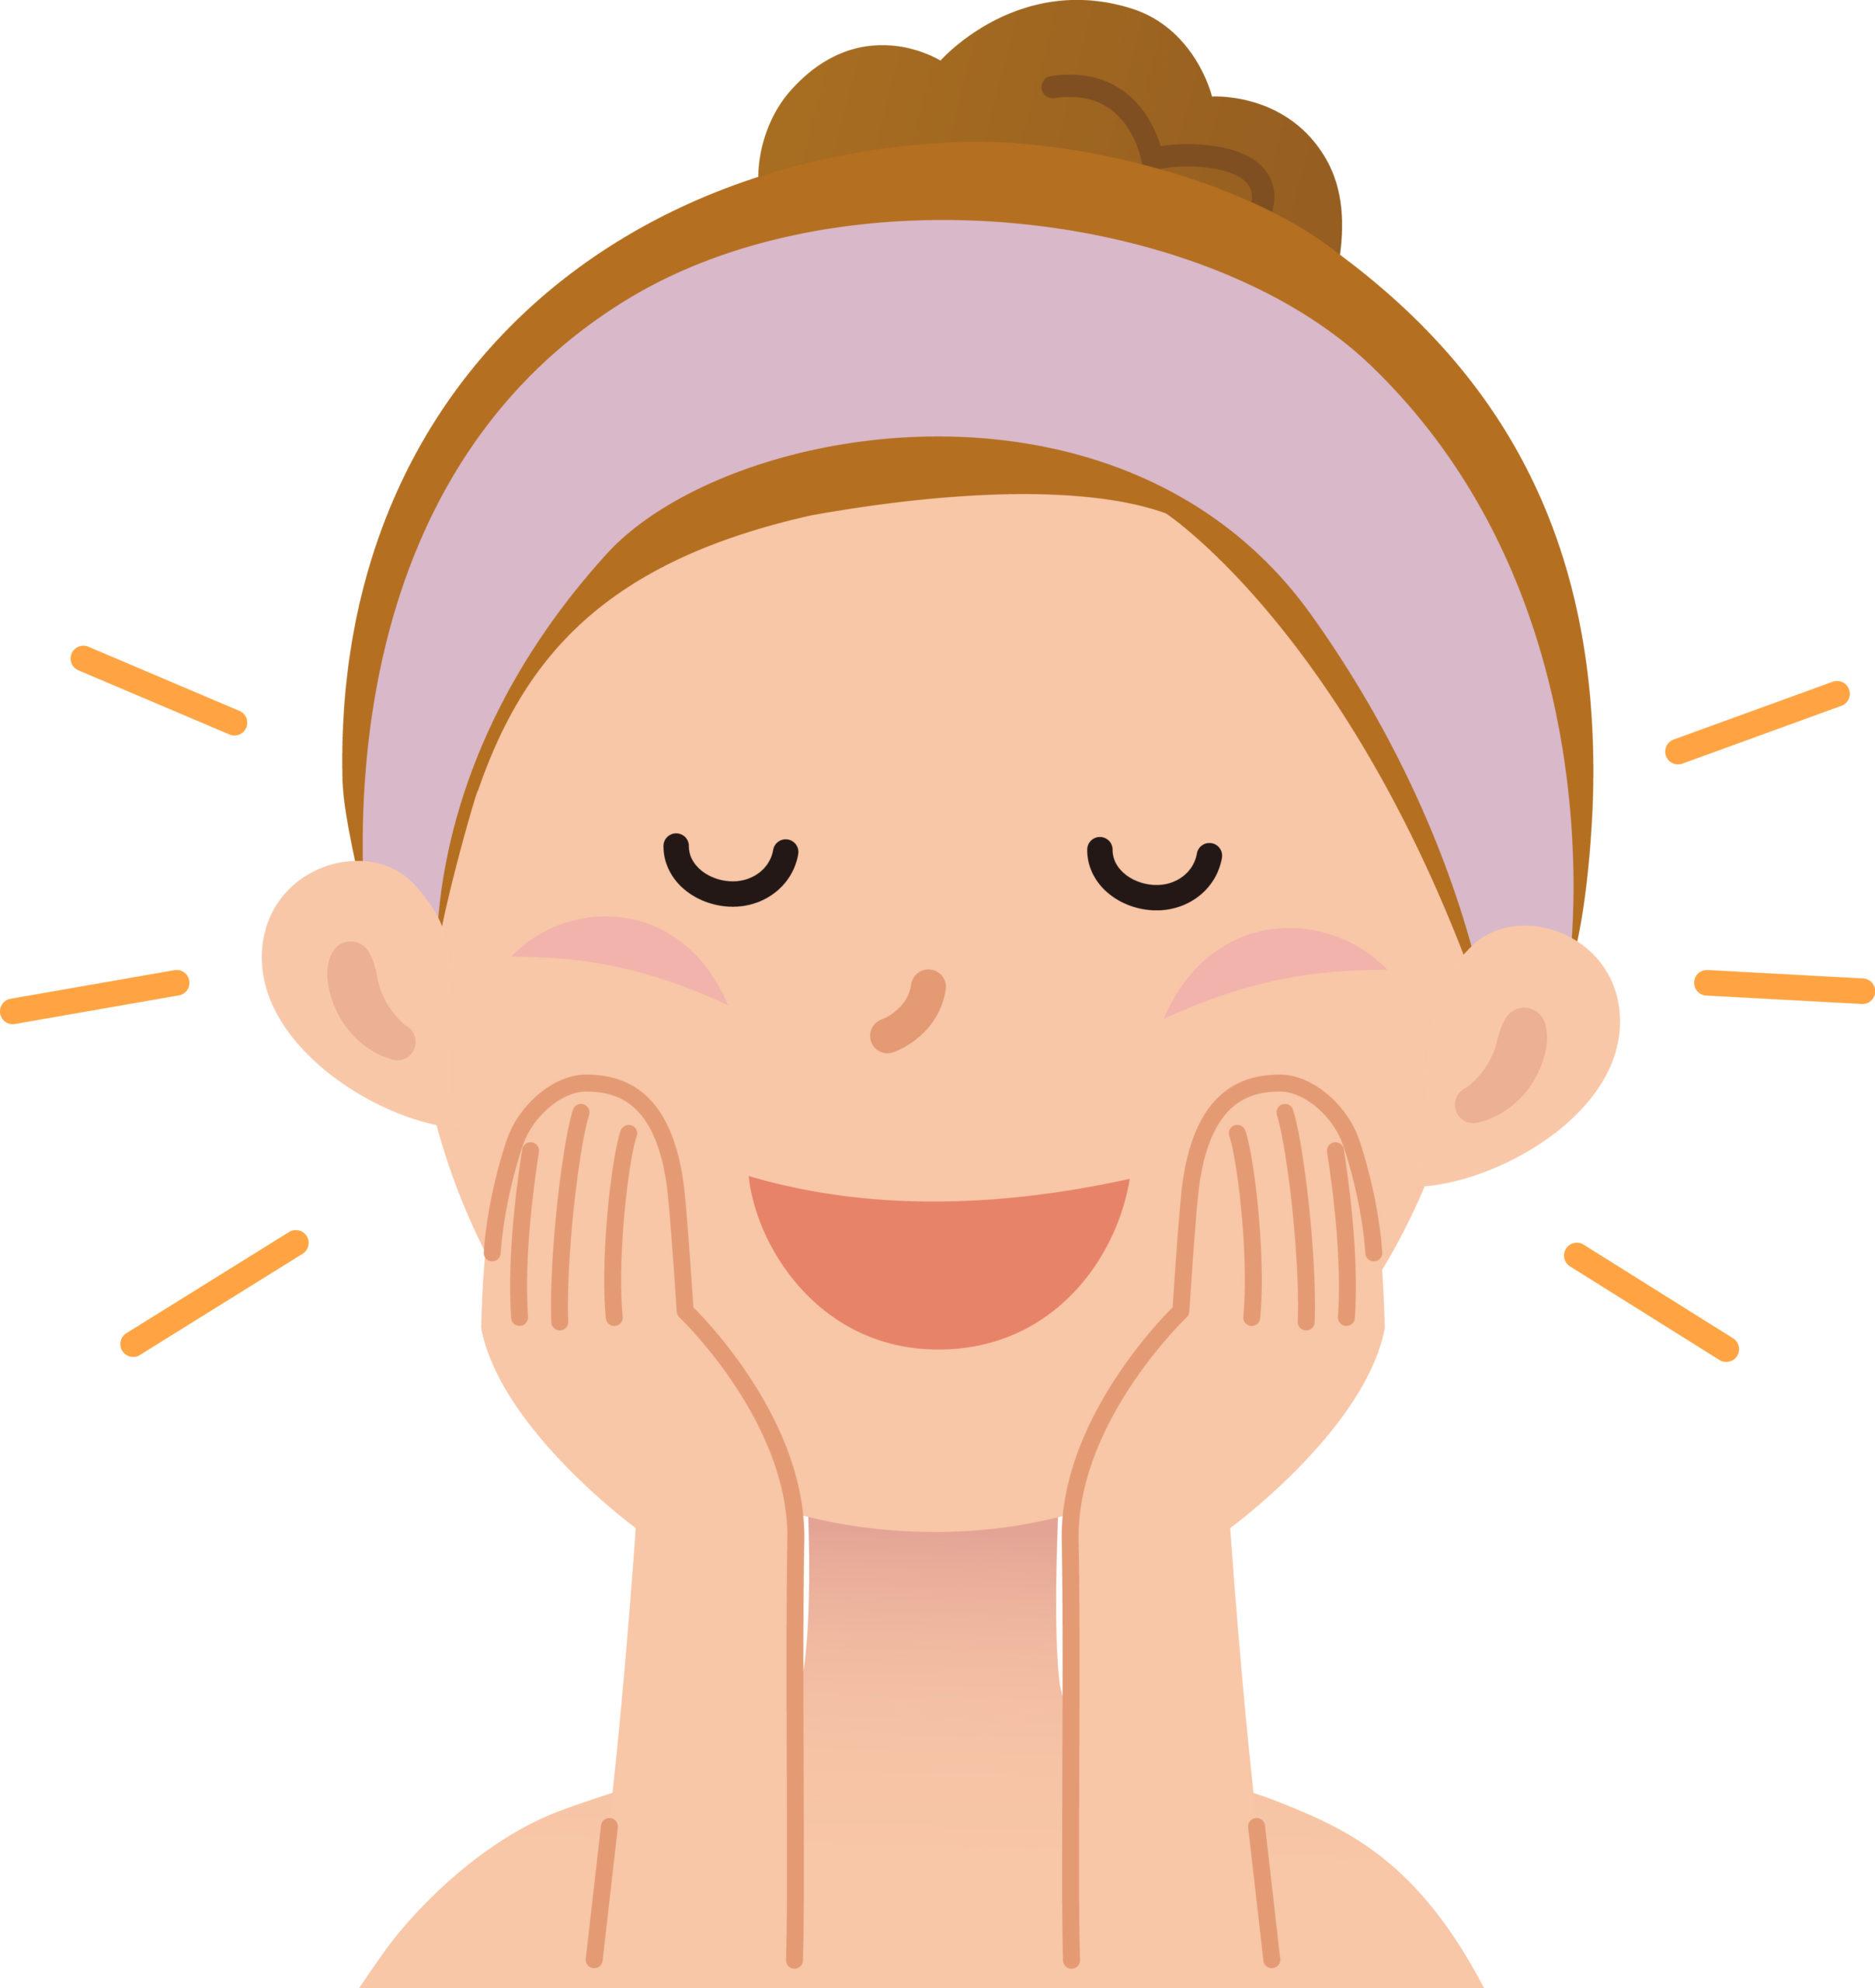 洗顔やスキンケアのイメージ画像